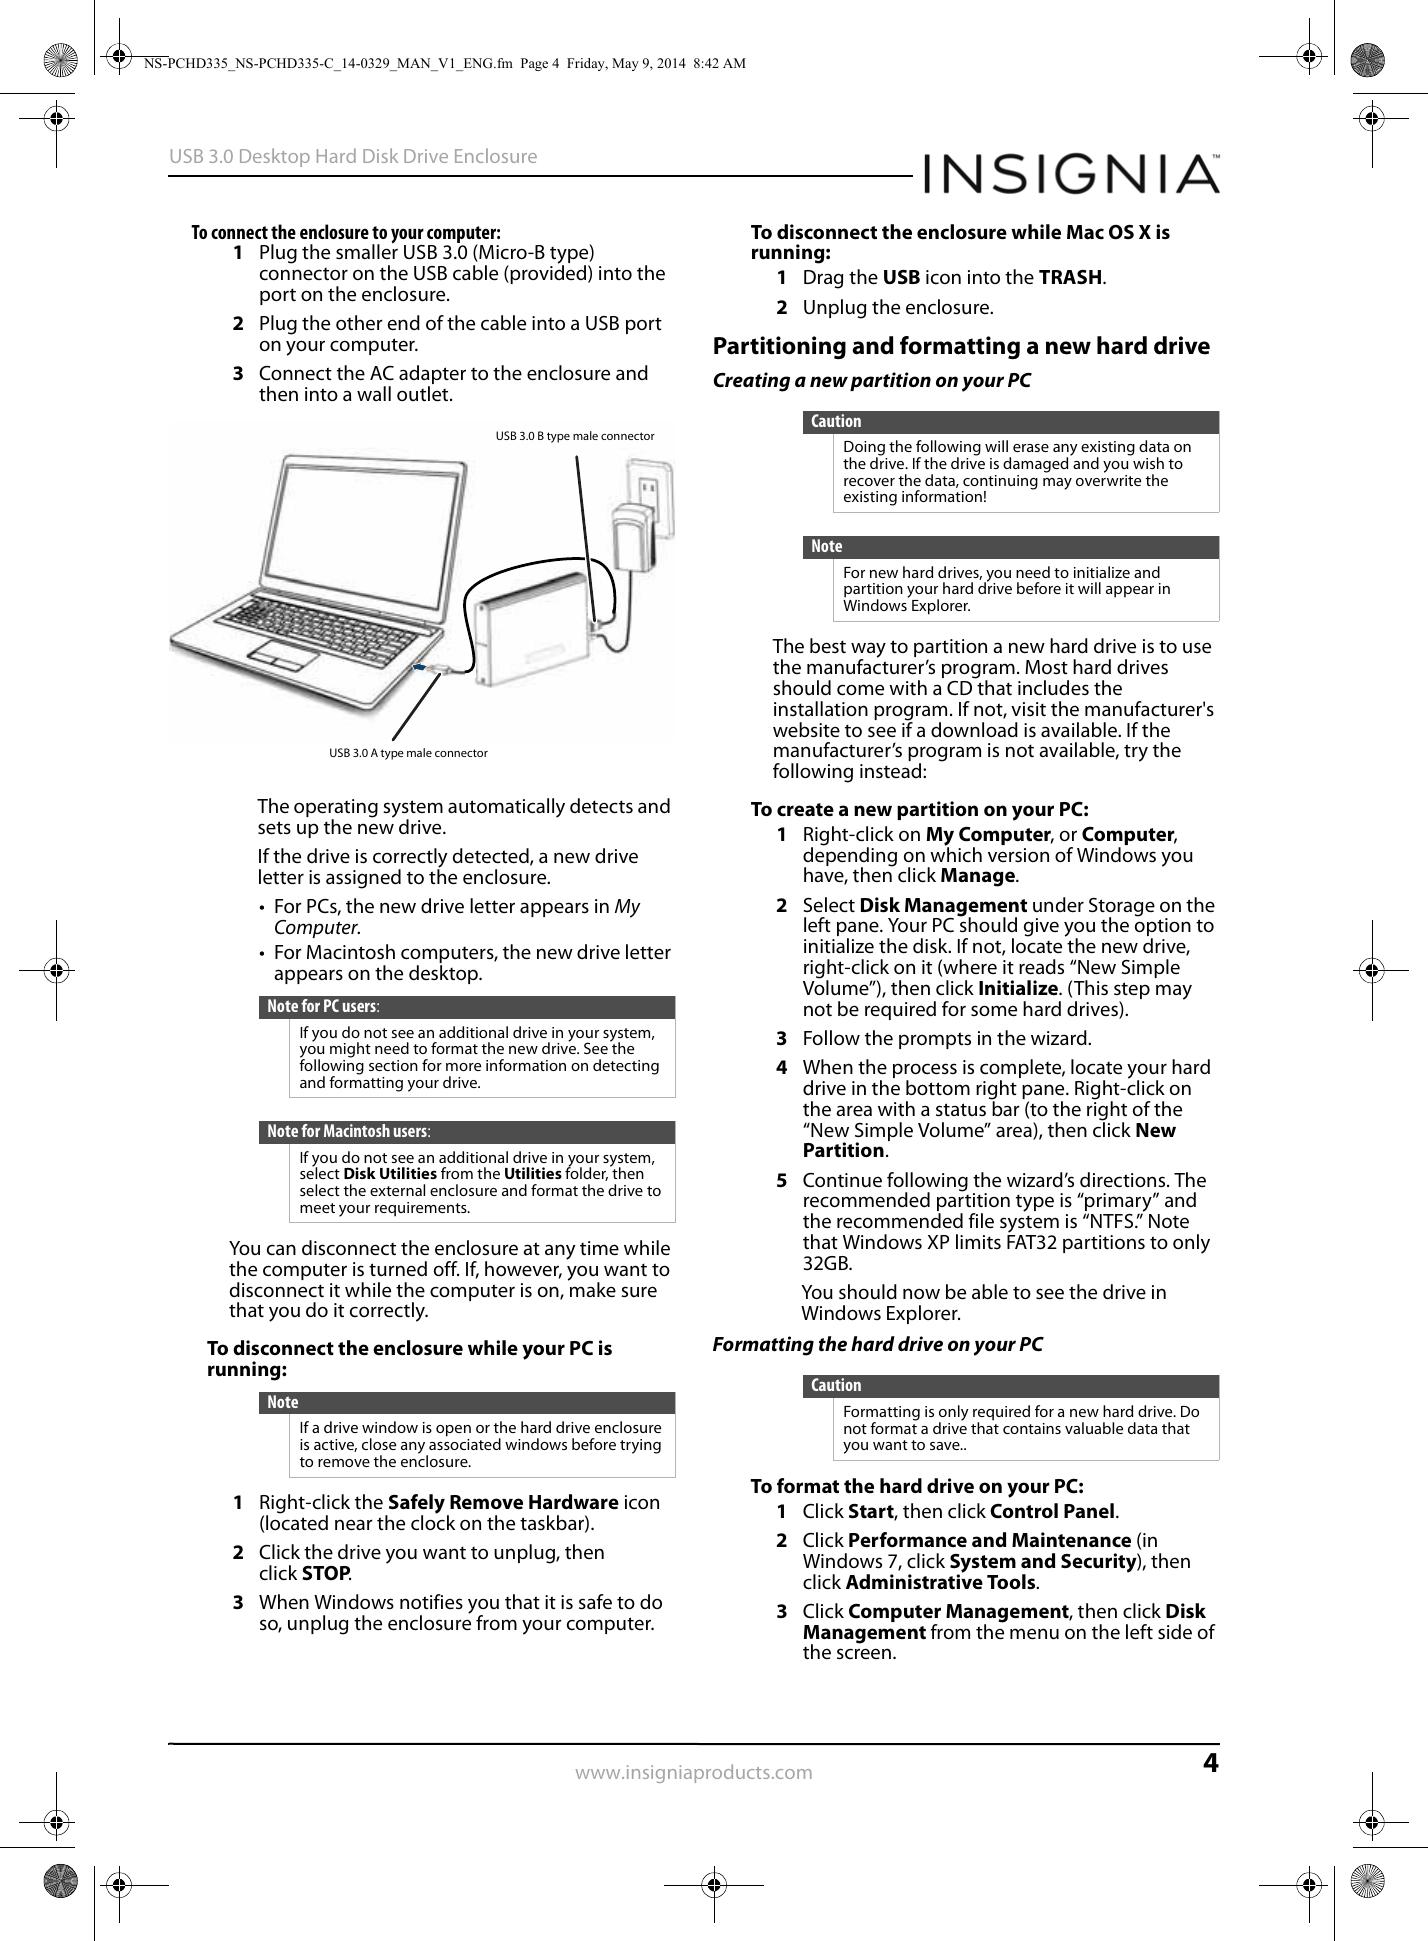 Insignia NS PCHD335NS PCHD335 C C_14 0329_WEB_V1_ENG User